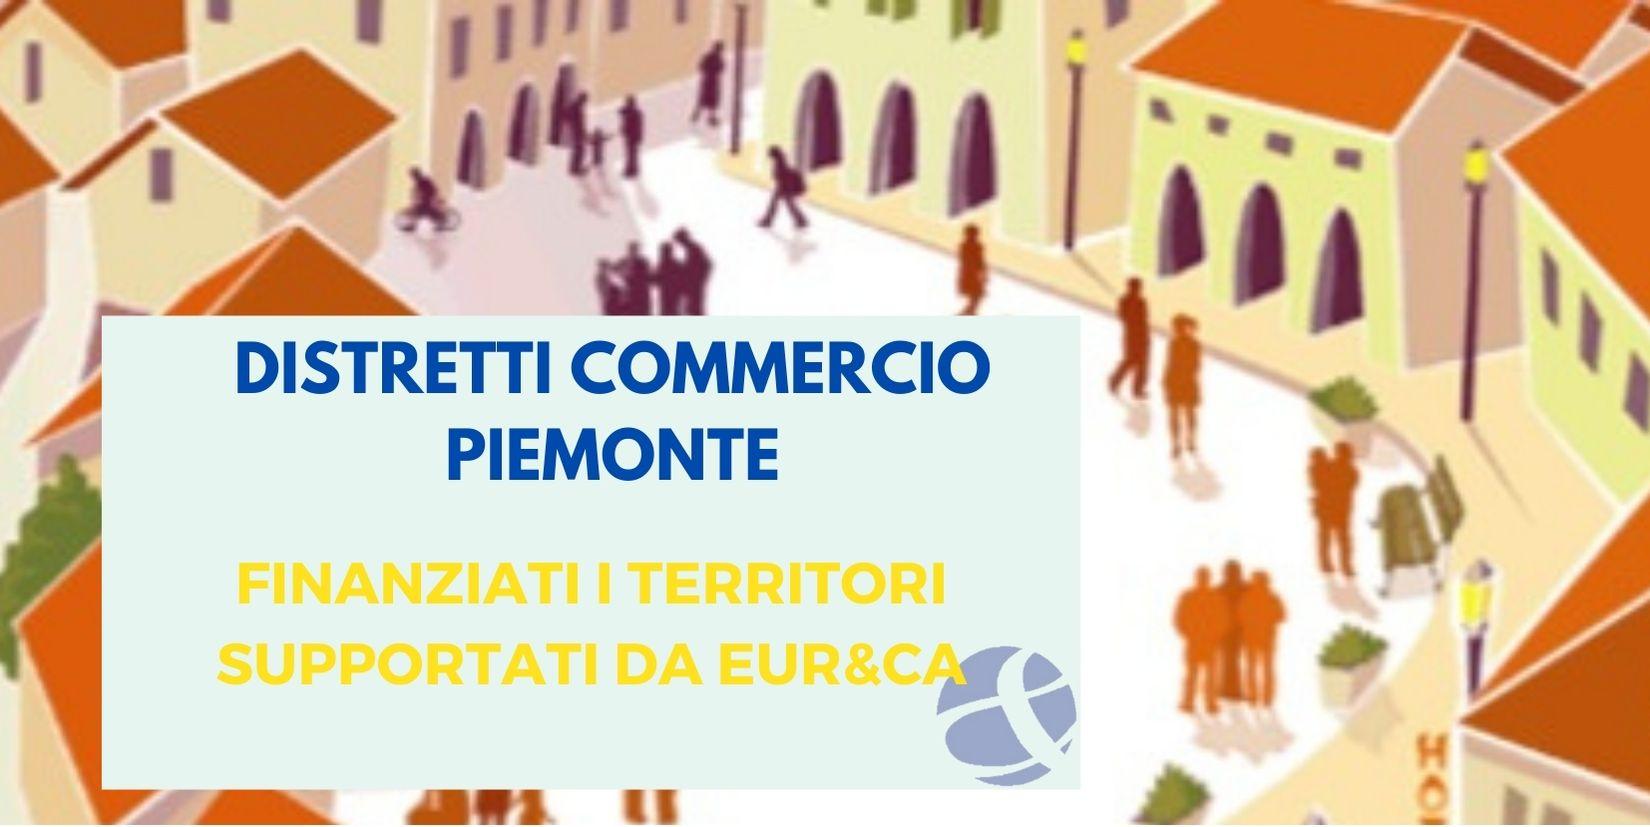 PIEMONTE: FINANZIATI I DISTRETTI DEL COMMERCIO CANDIDATI DA EUR&CA!